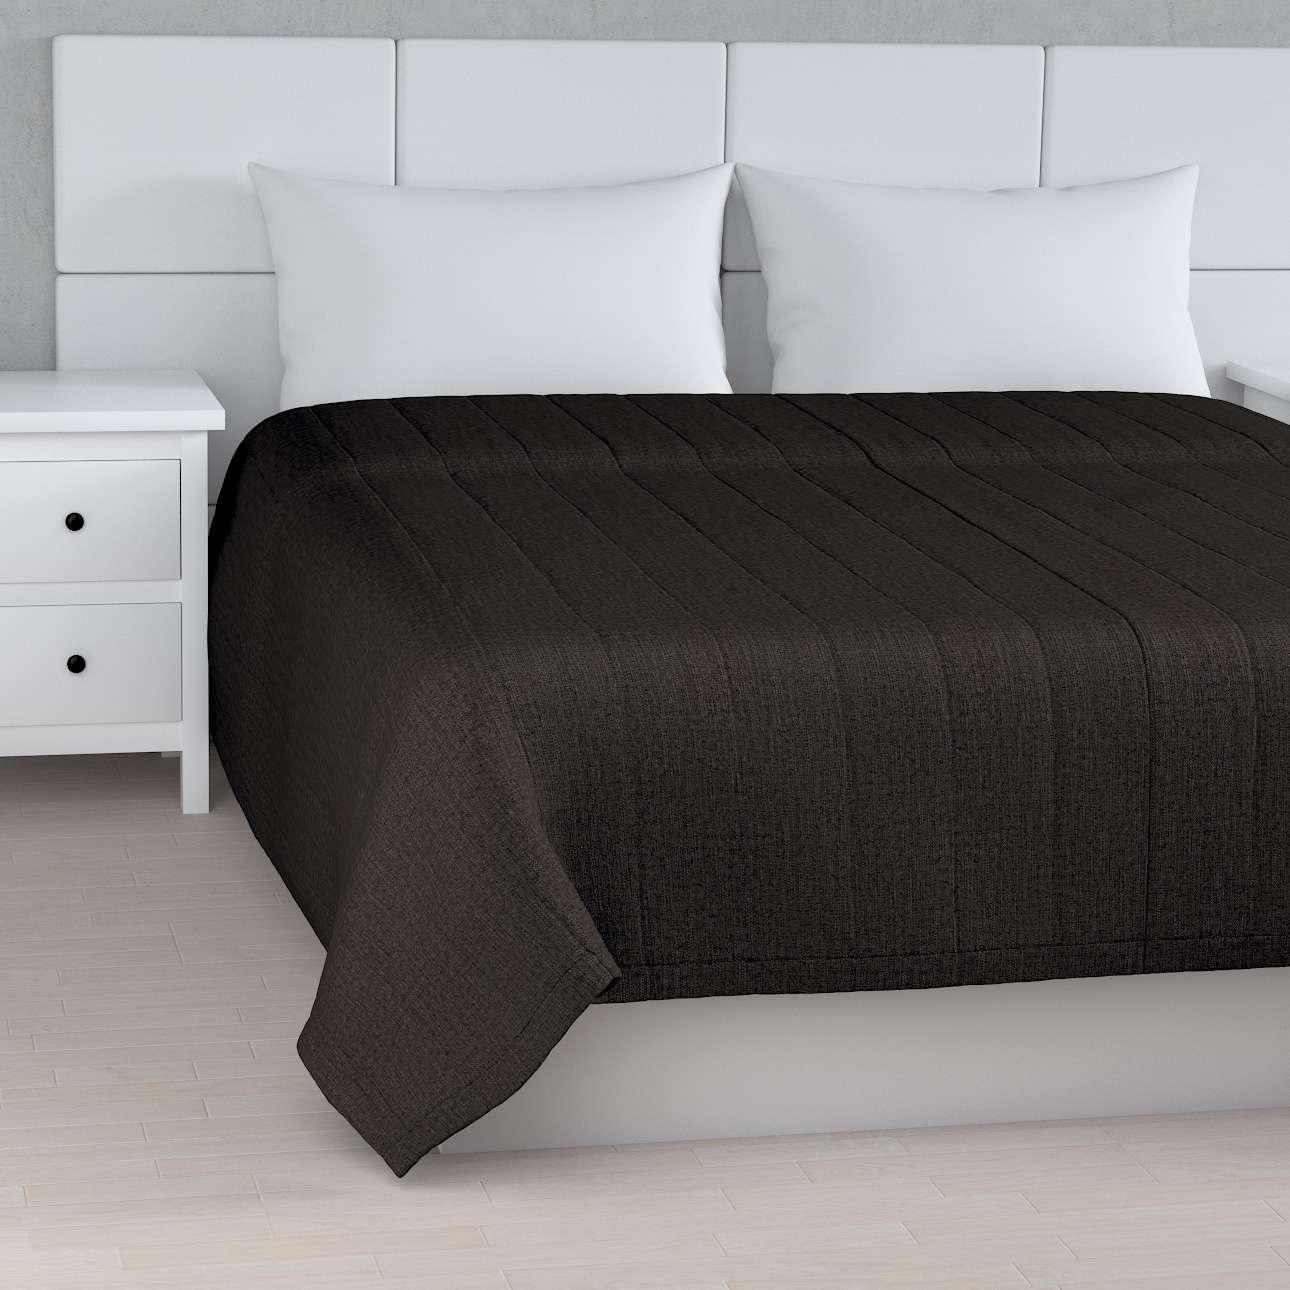 Tagesdecke mit Streifen-Steppung, braun, 170 × 210 cm, Vintage   Heimtextilien > Decken und Kissen > Tagesdecken und Bettüberwürfe   Muster   Dekoria